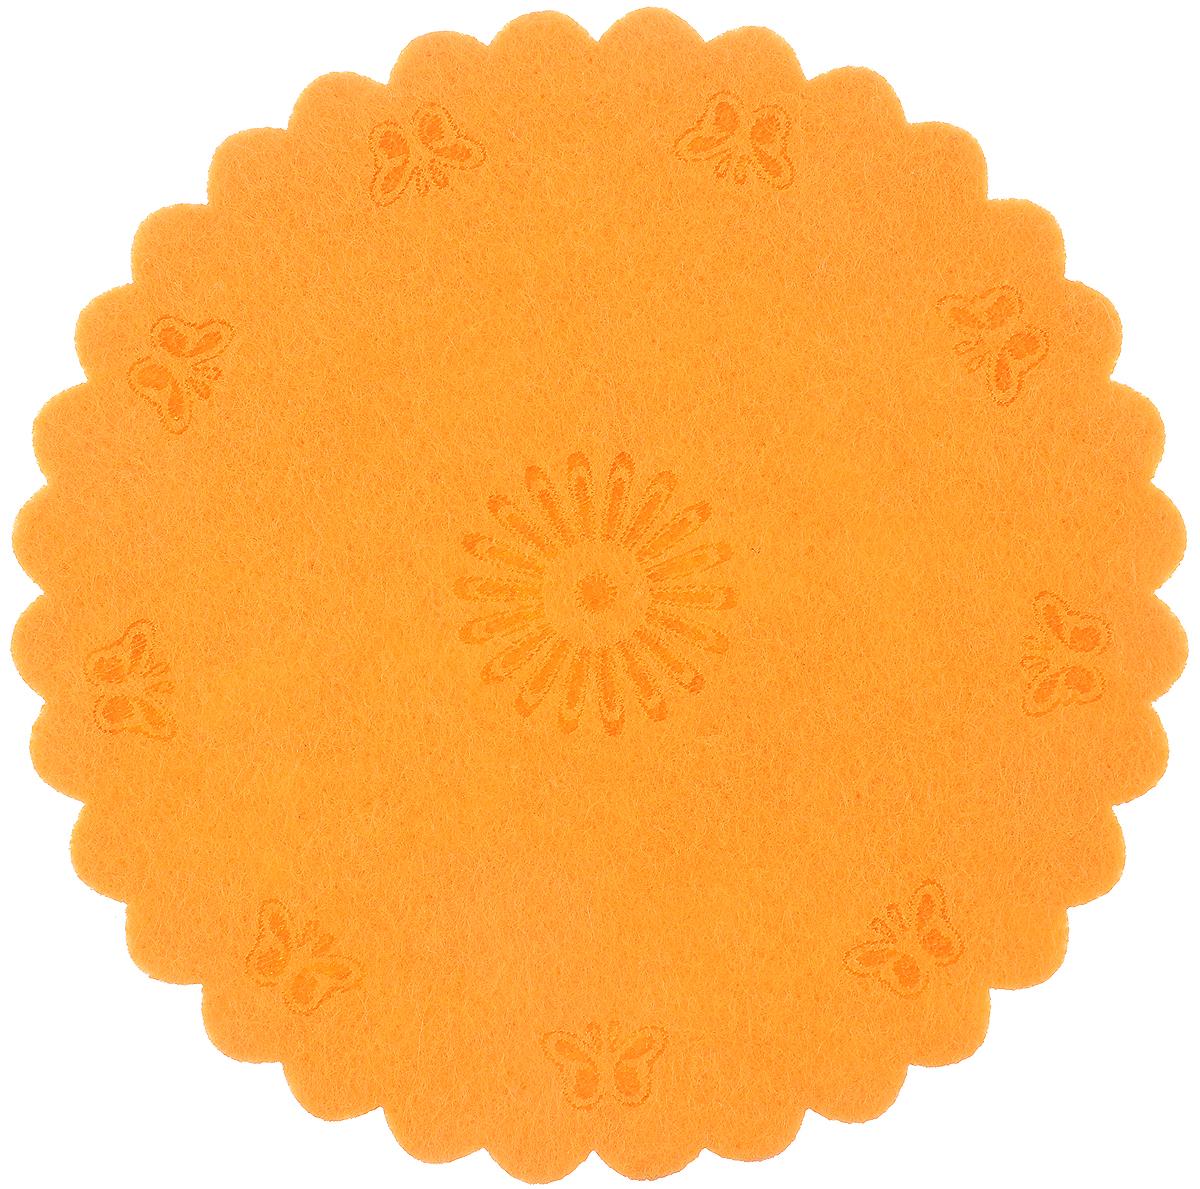 Украшение декоративное RTO Круг, цвет: оранжевый, диаметр 12 см декоративное украшение для раскрашивания подсвечник с ангелом арфа дерево 9х8х10см